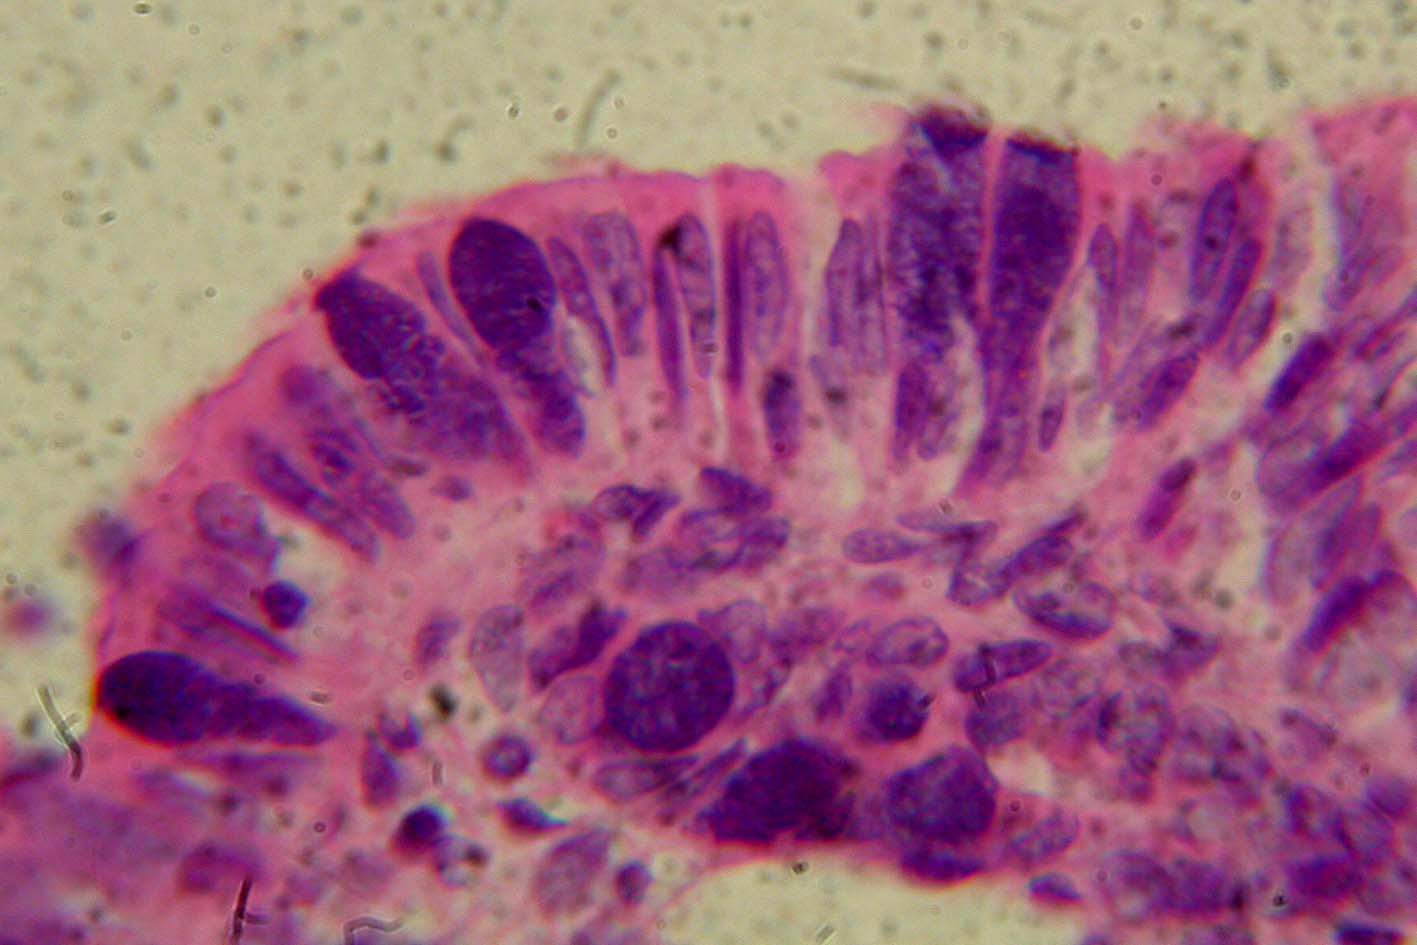 Coccidia in intestinal mucosa